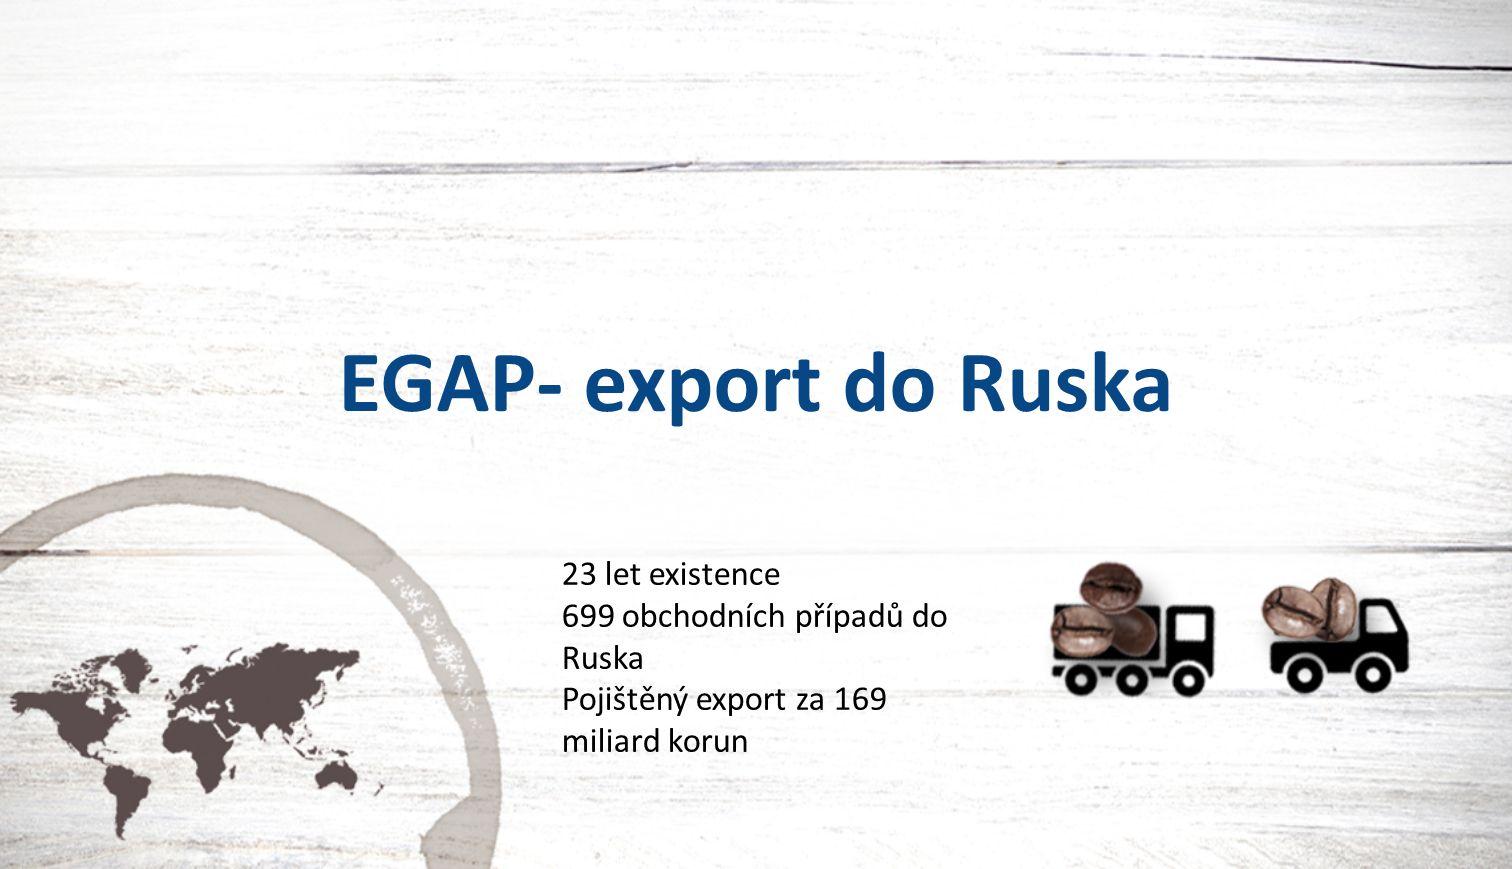 EGAP- export do Ruska 23 let existence 699 obchodních případů do Ruska Pojištěný export za 169 miliard korun